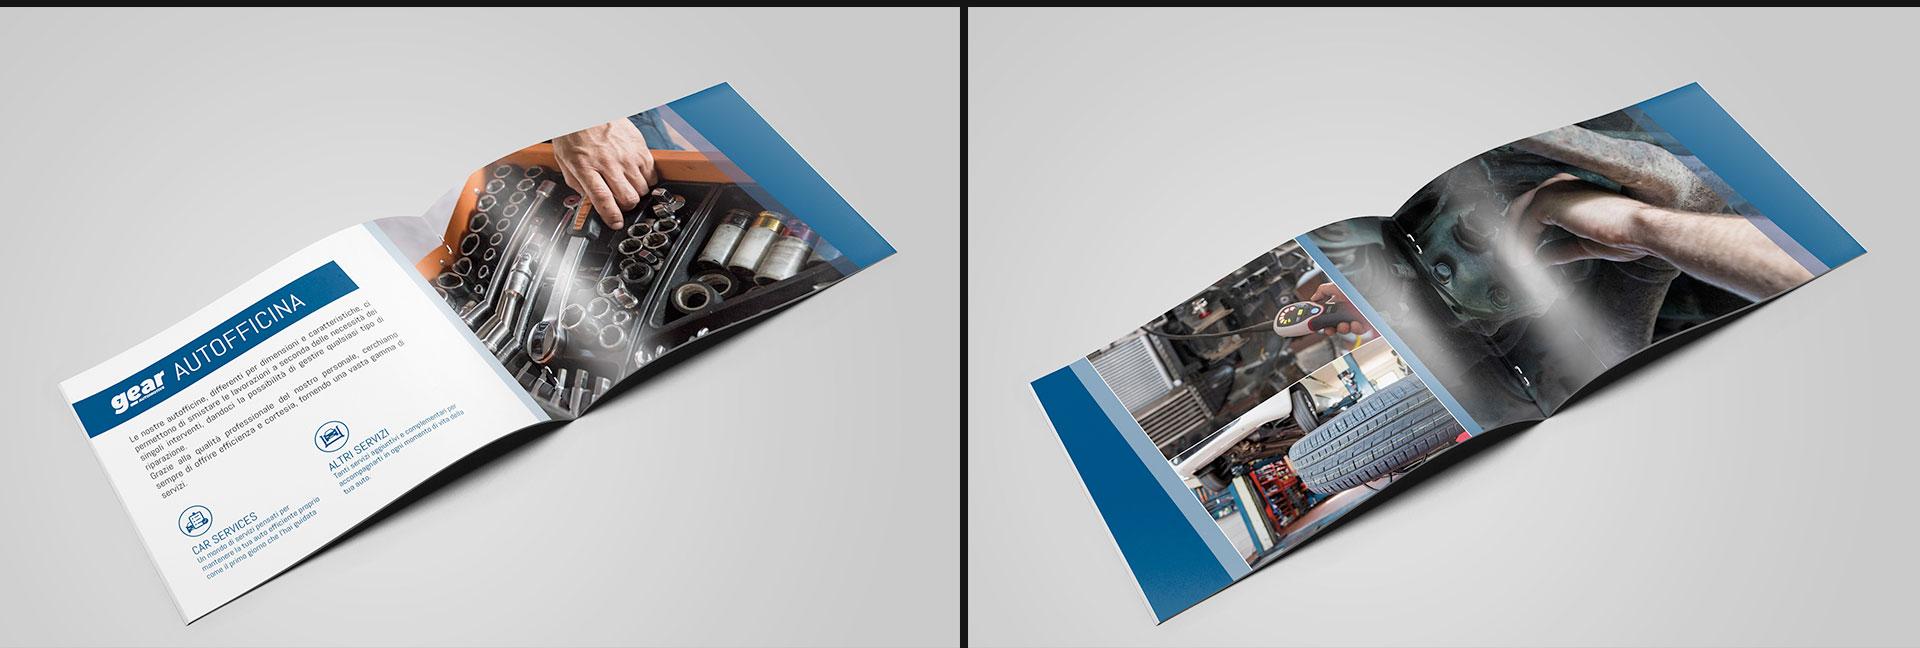 7gear-brochure2